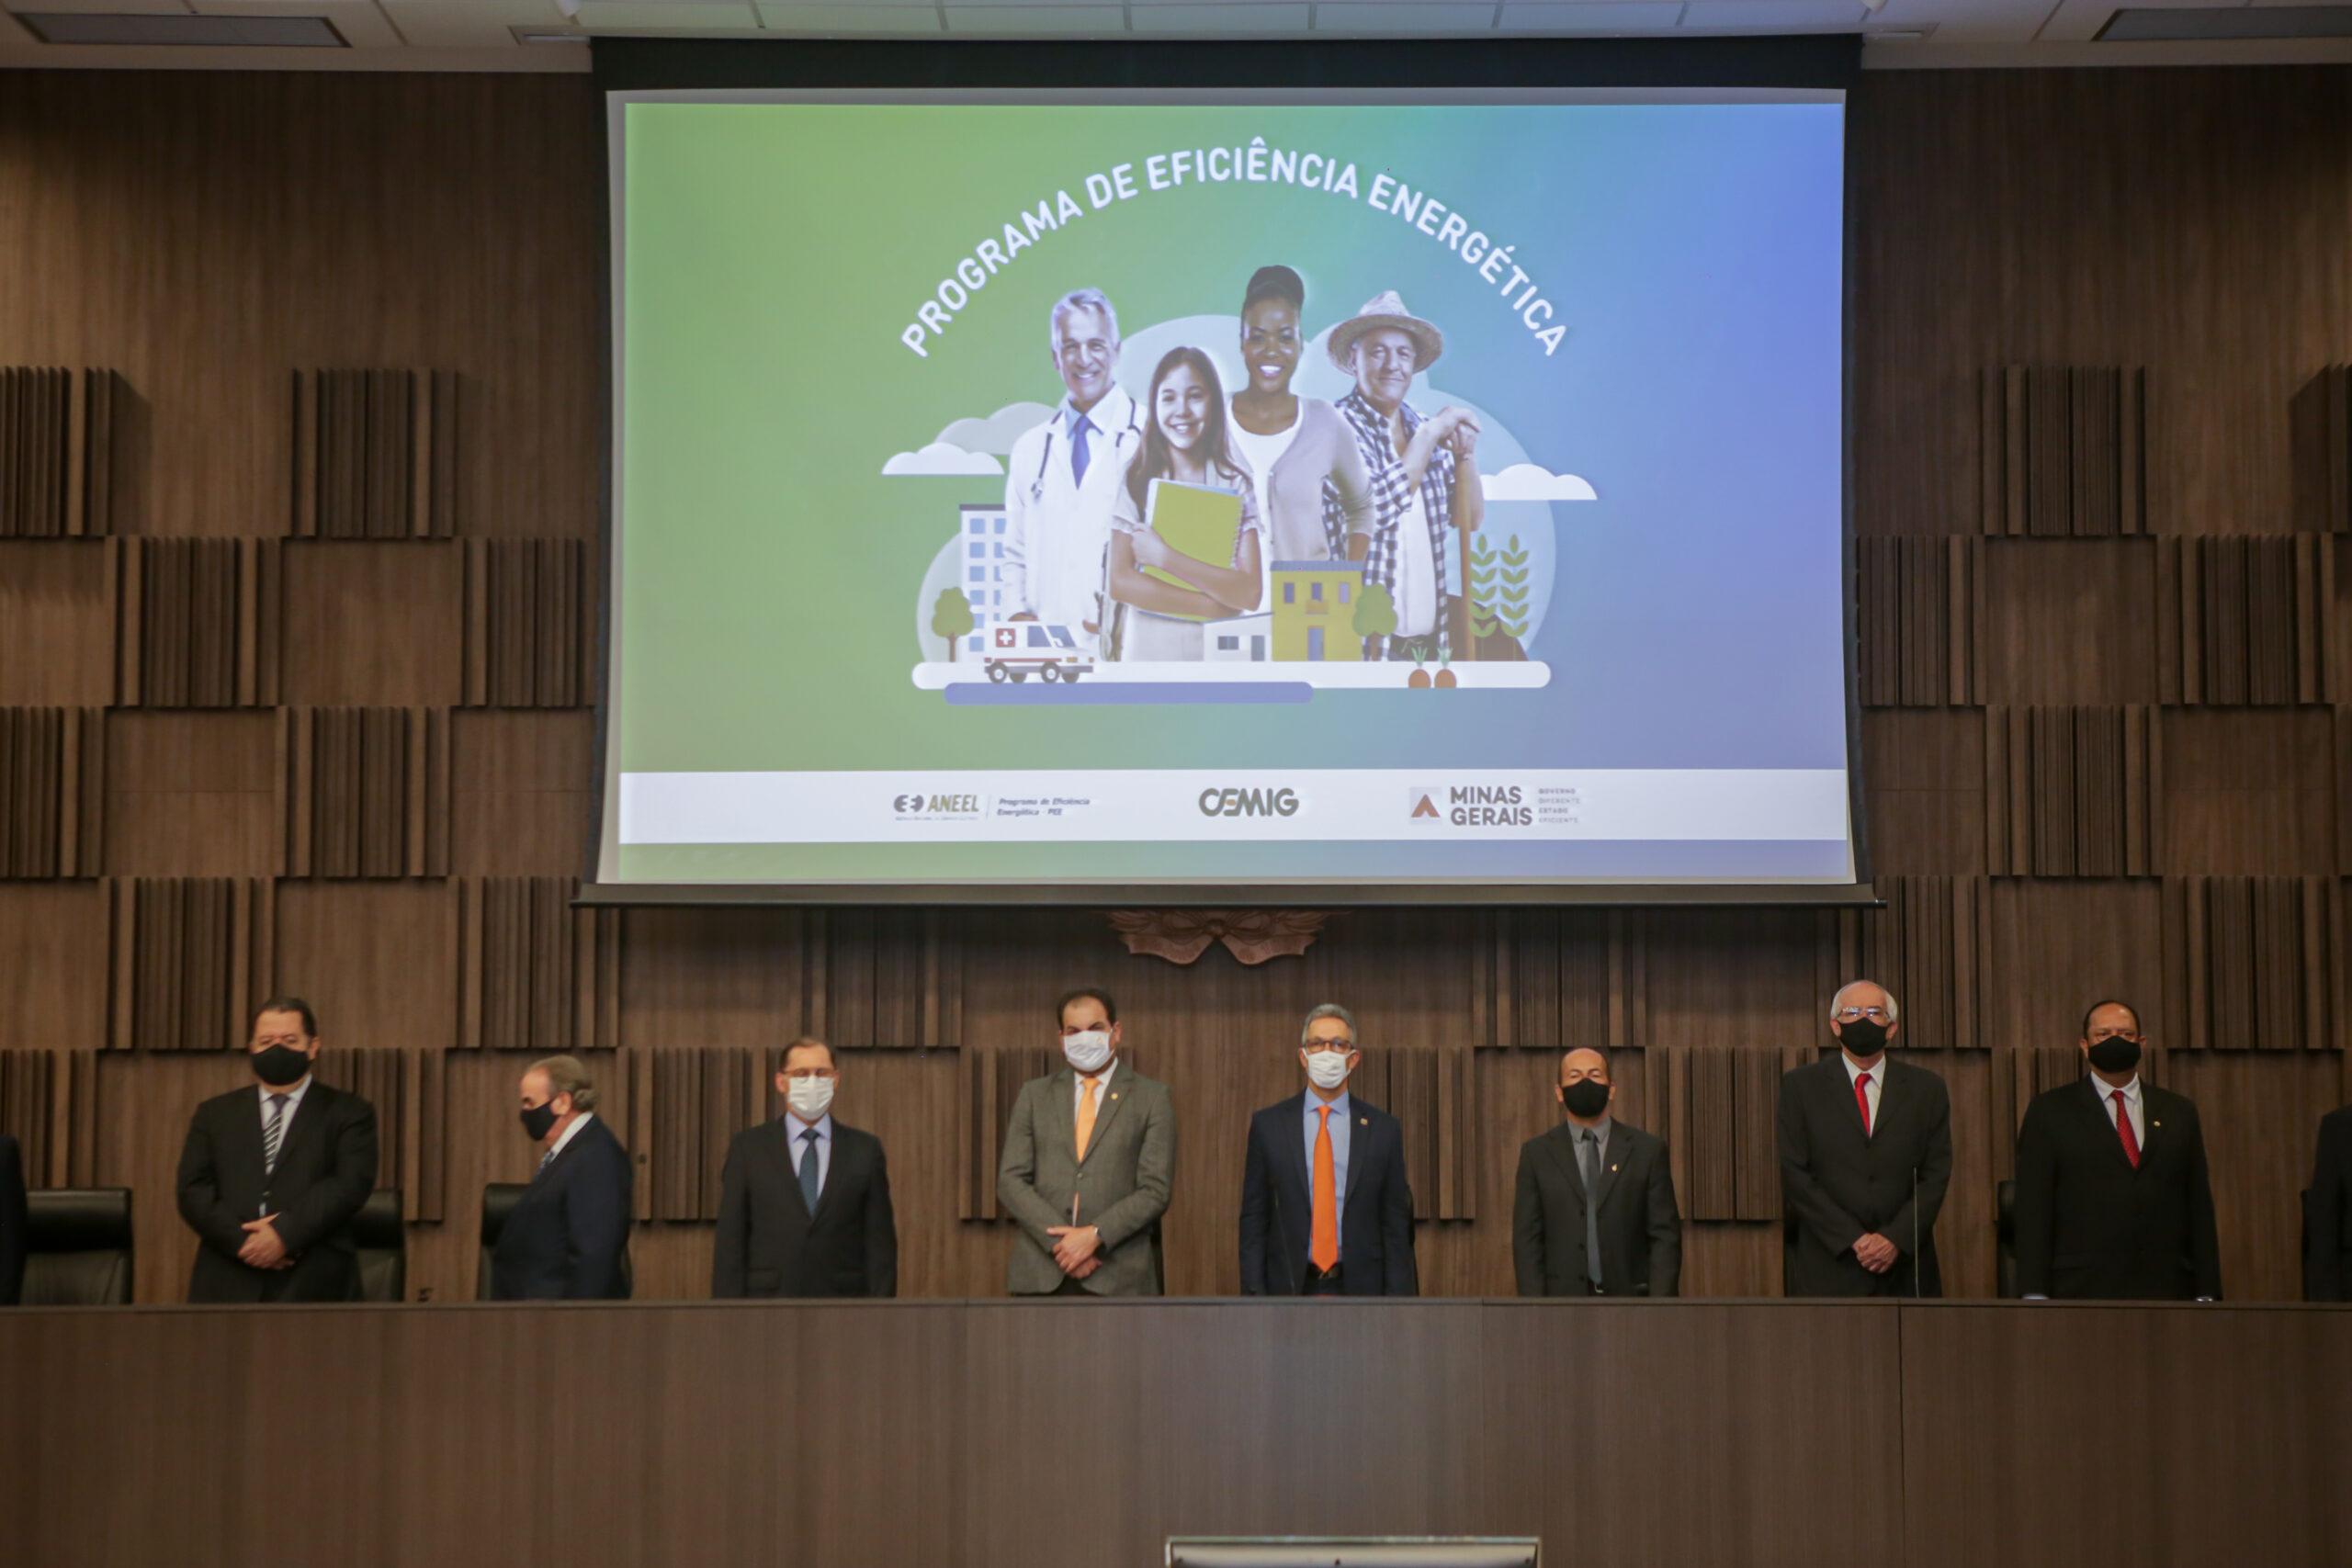 APACs recebem investimento em energia limpa